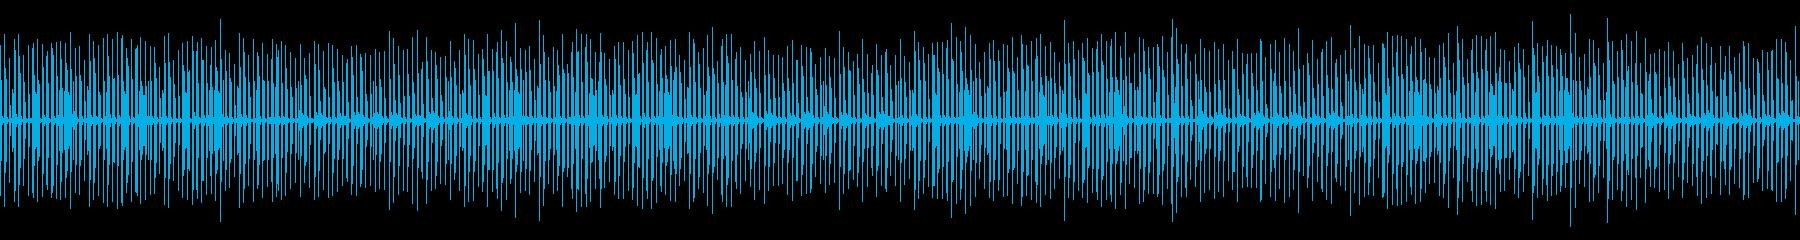 ゲーム・パズル・かわいい・ループの再生済みの波形